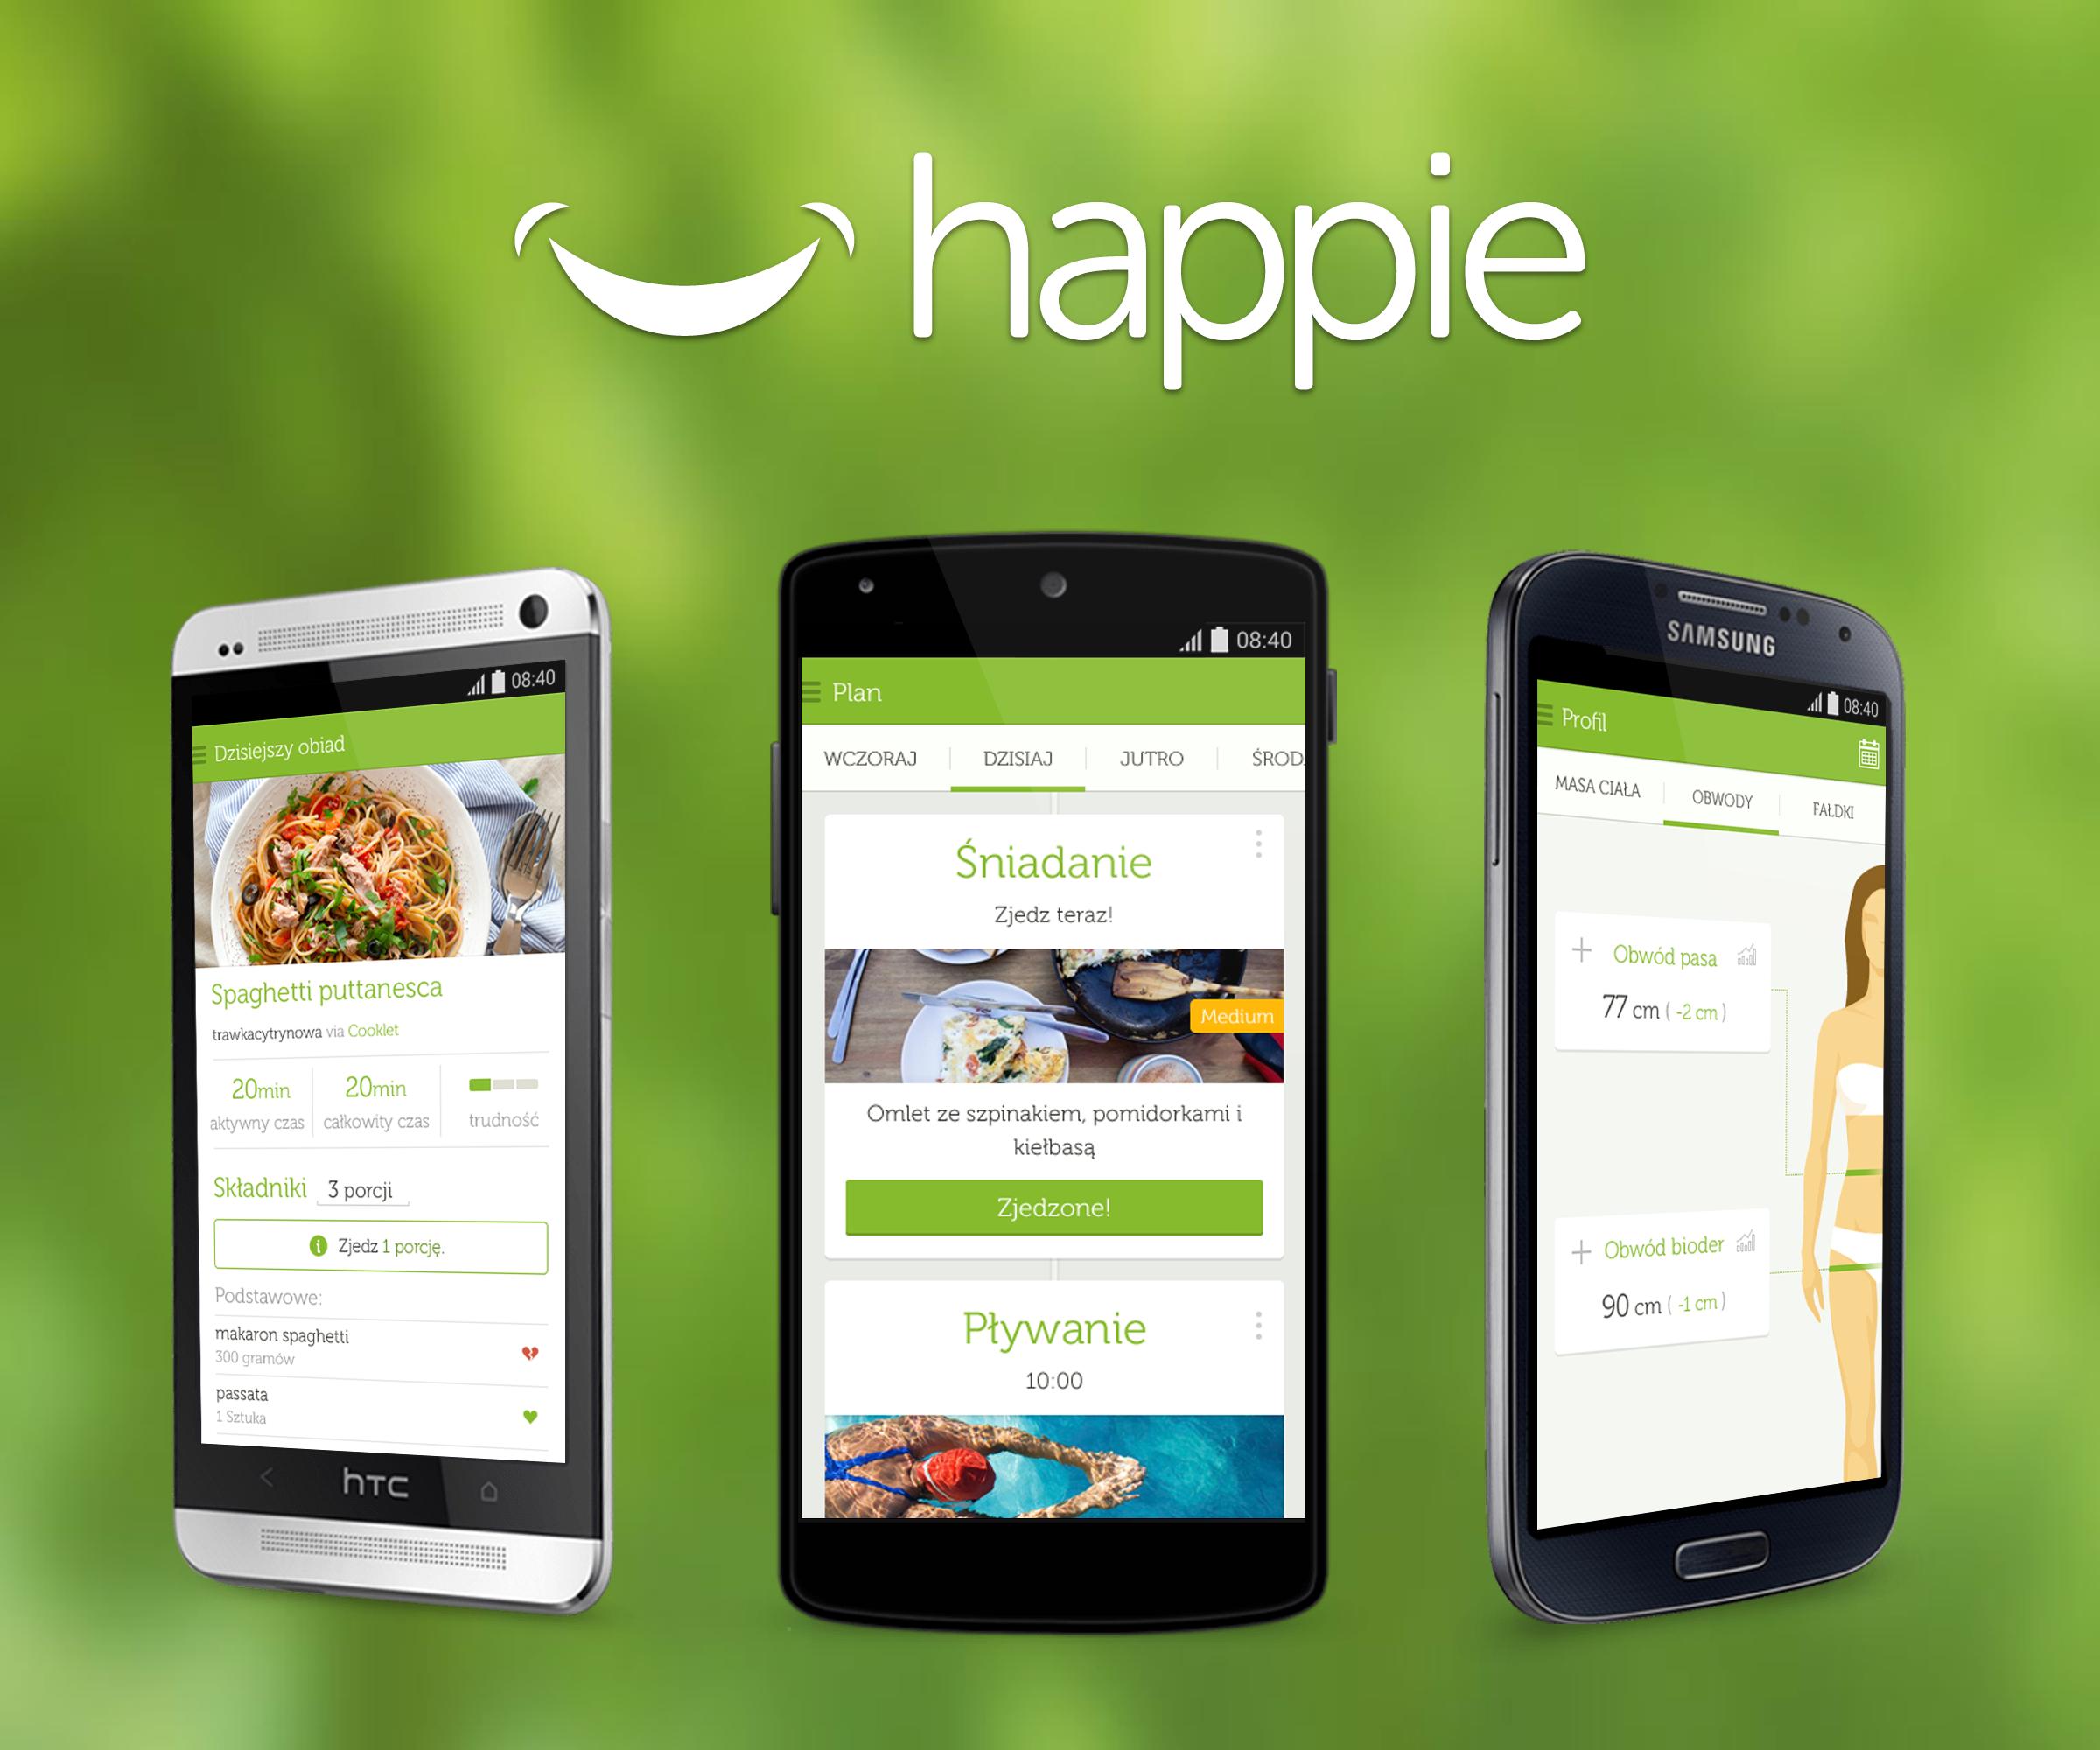 Tylko szczupli są szczęśliwi – sprawdzamy nową aplikację twórców Cookleta